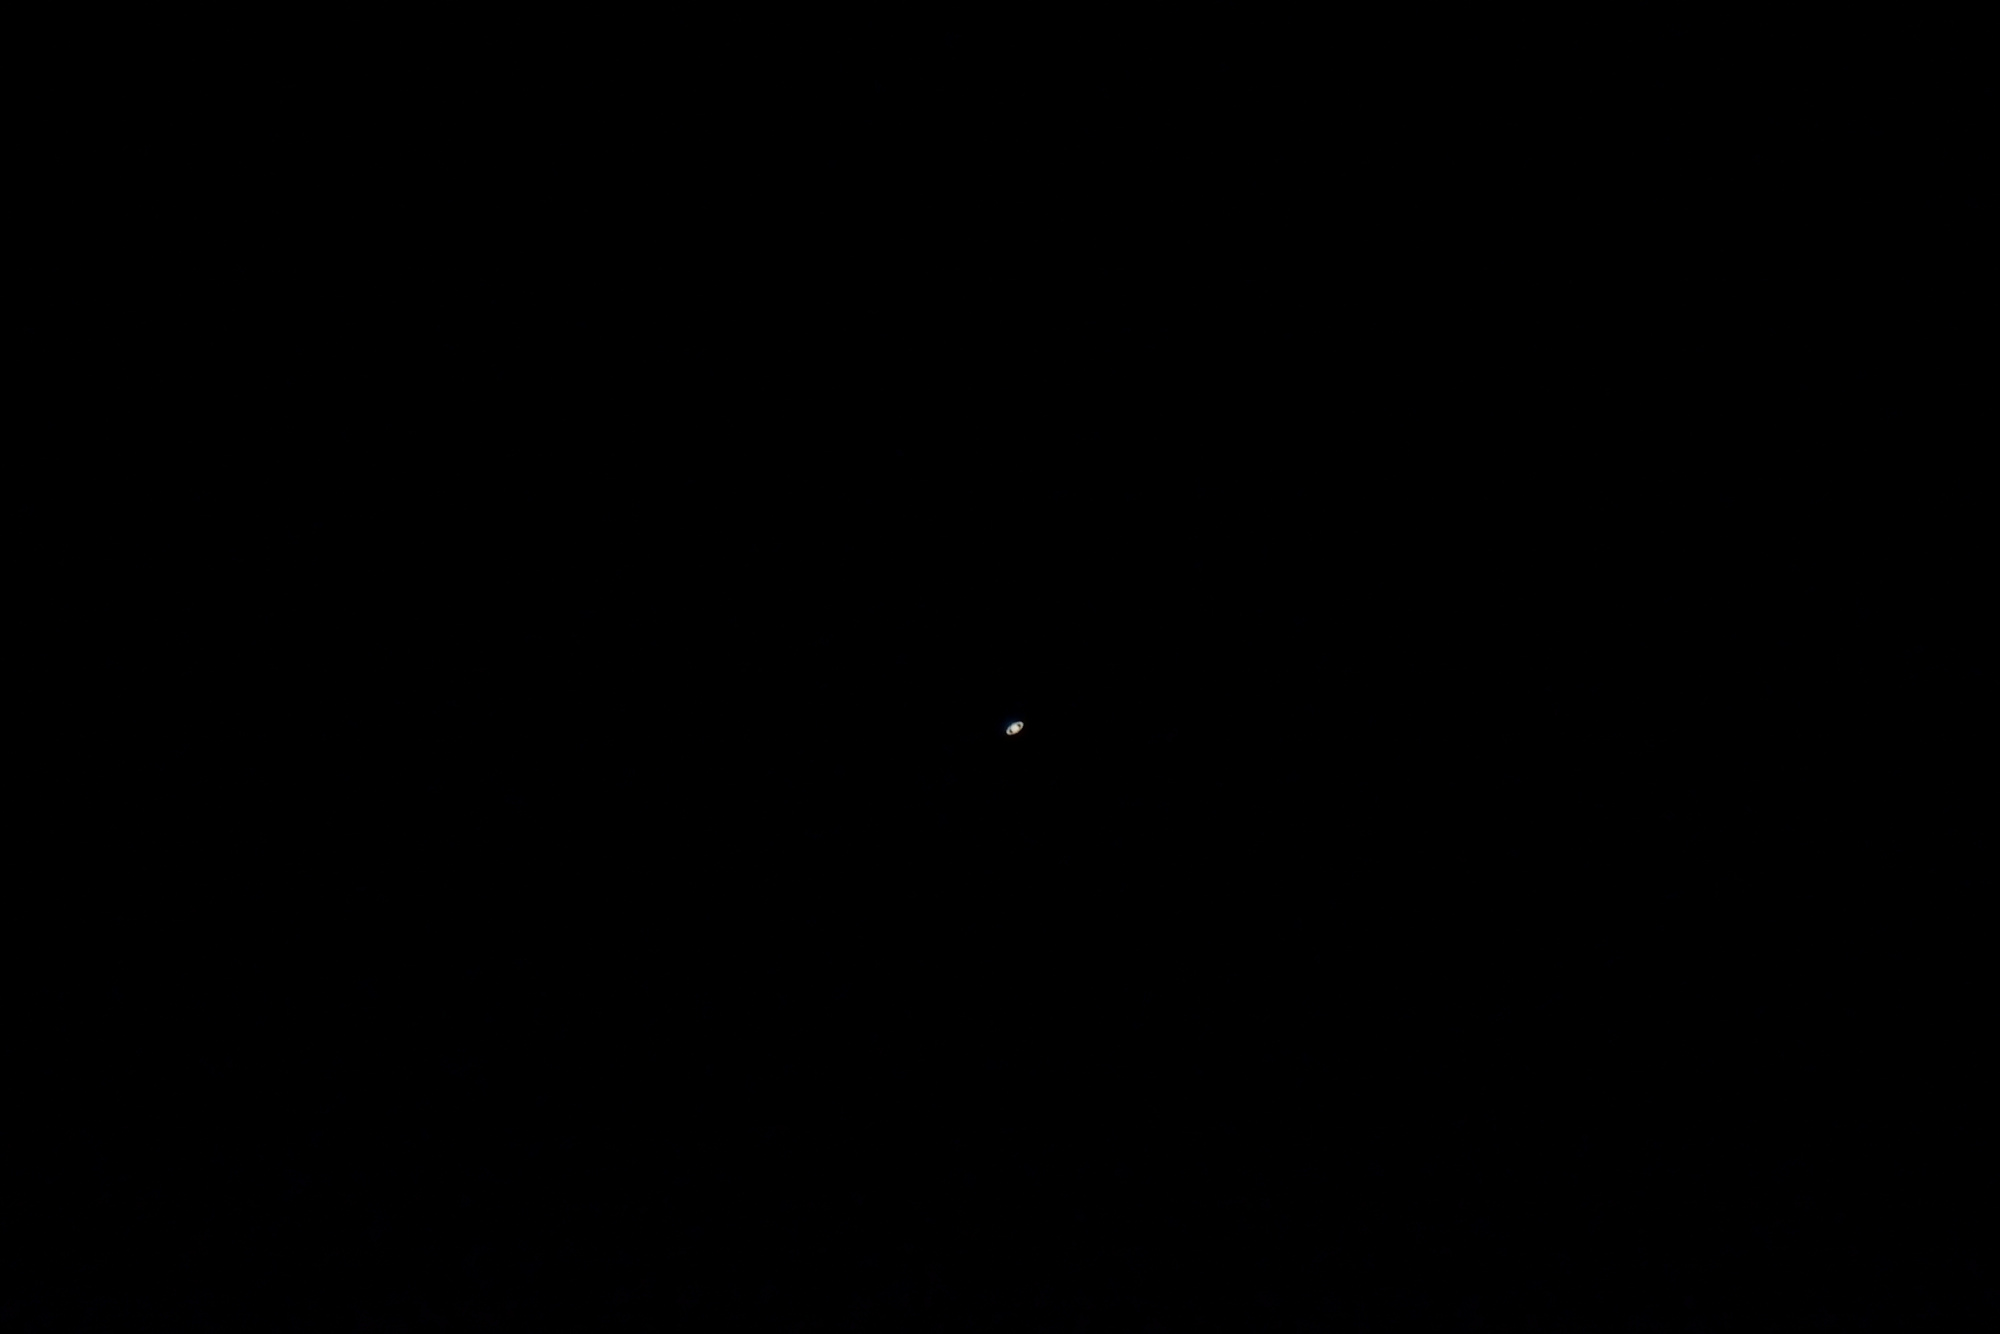 DSC_2386_203 cadrage.jpg